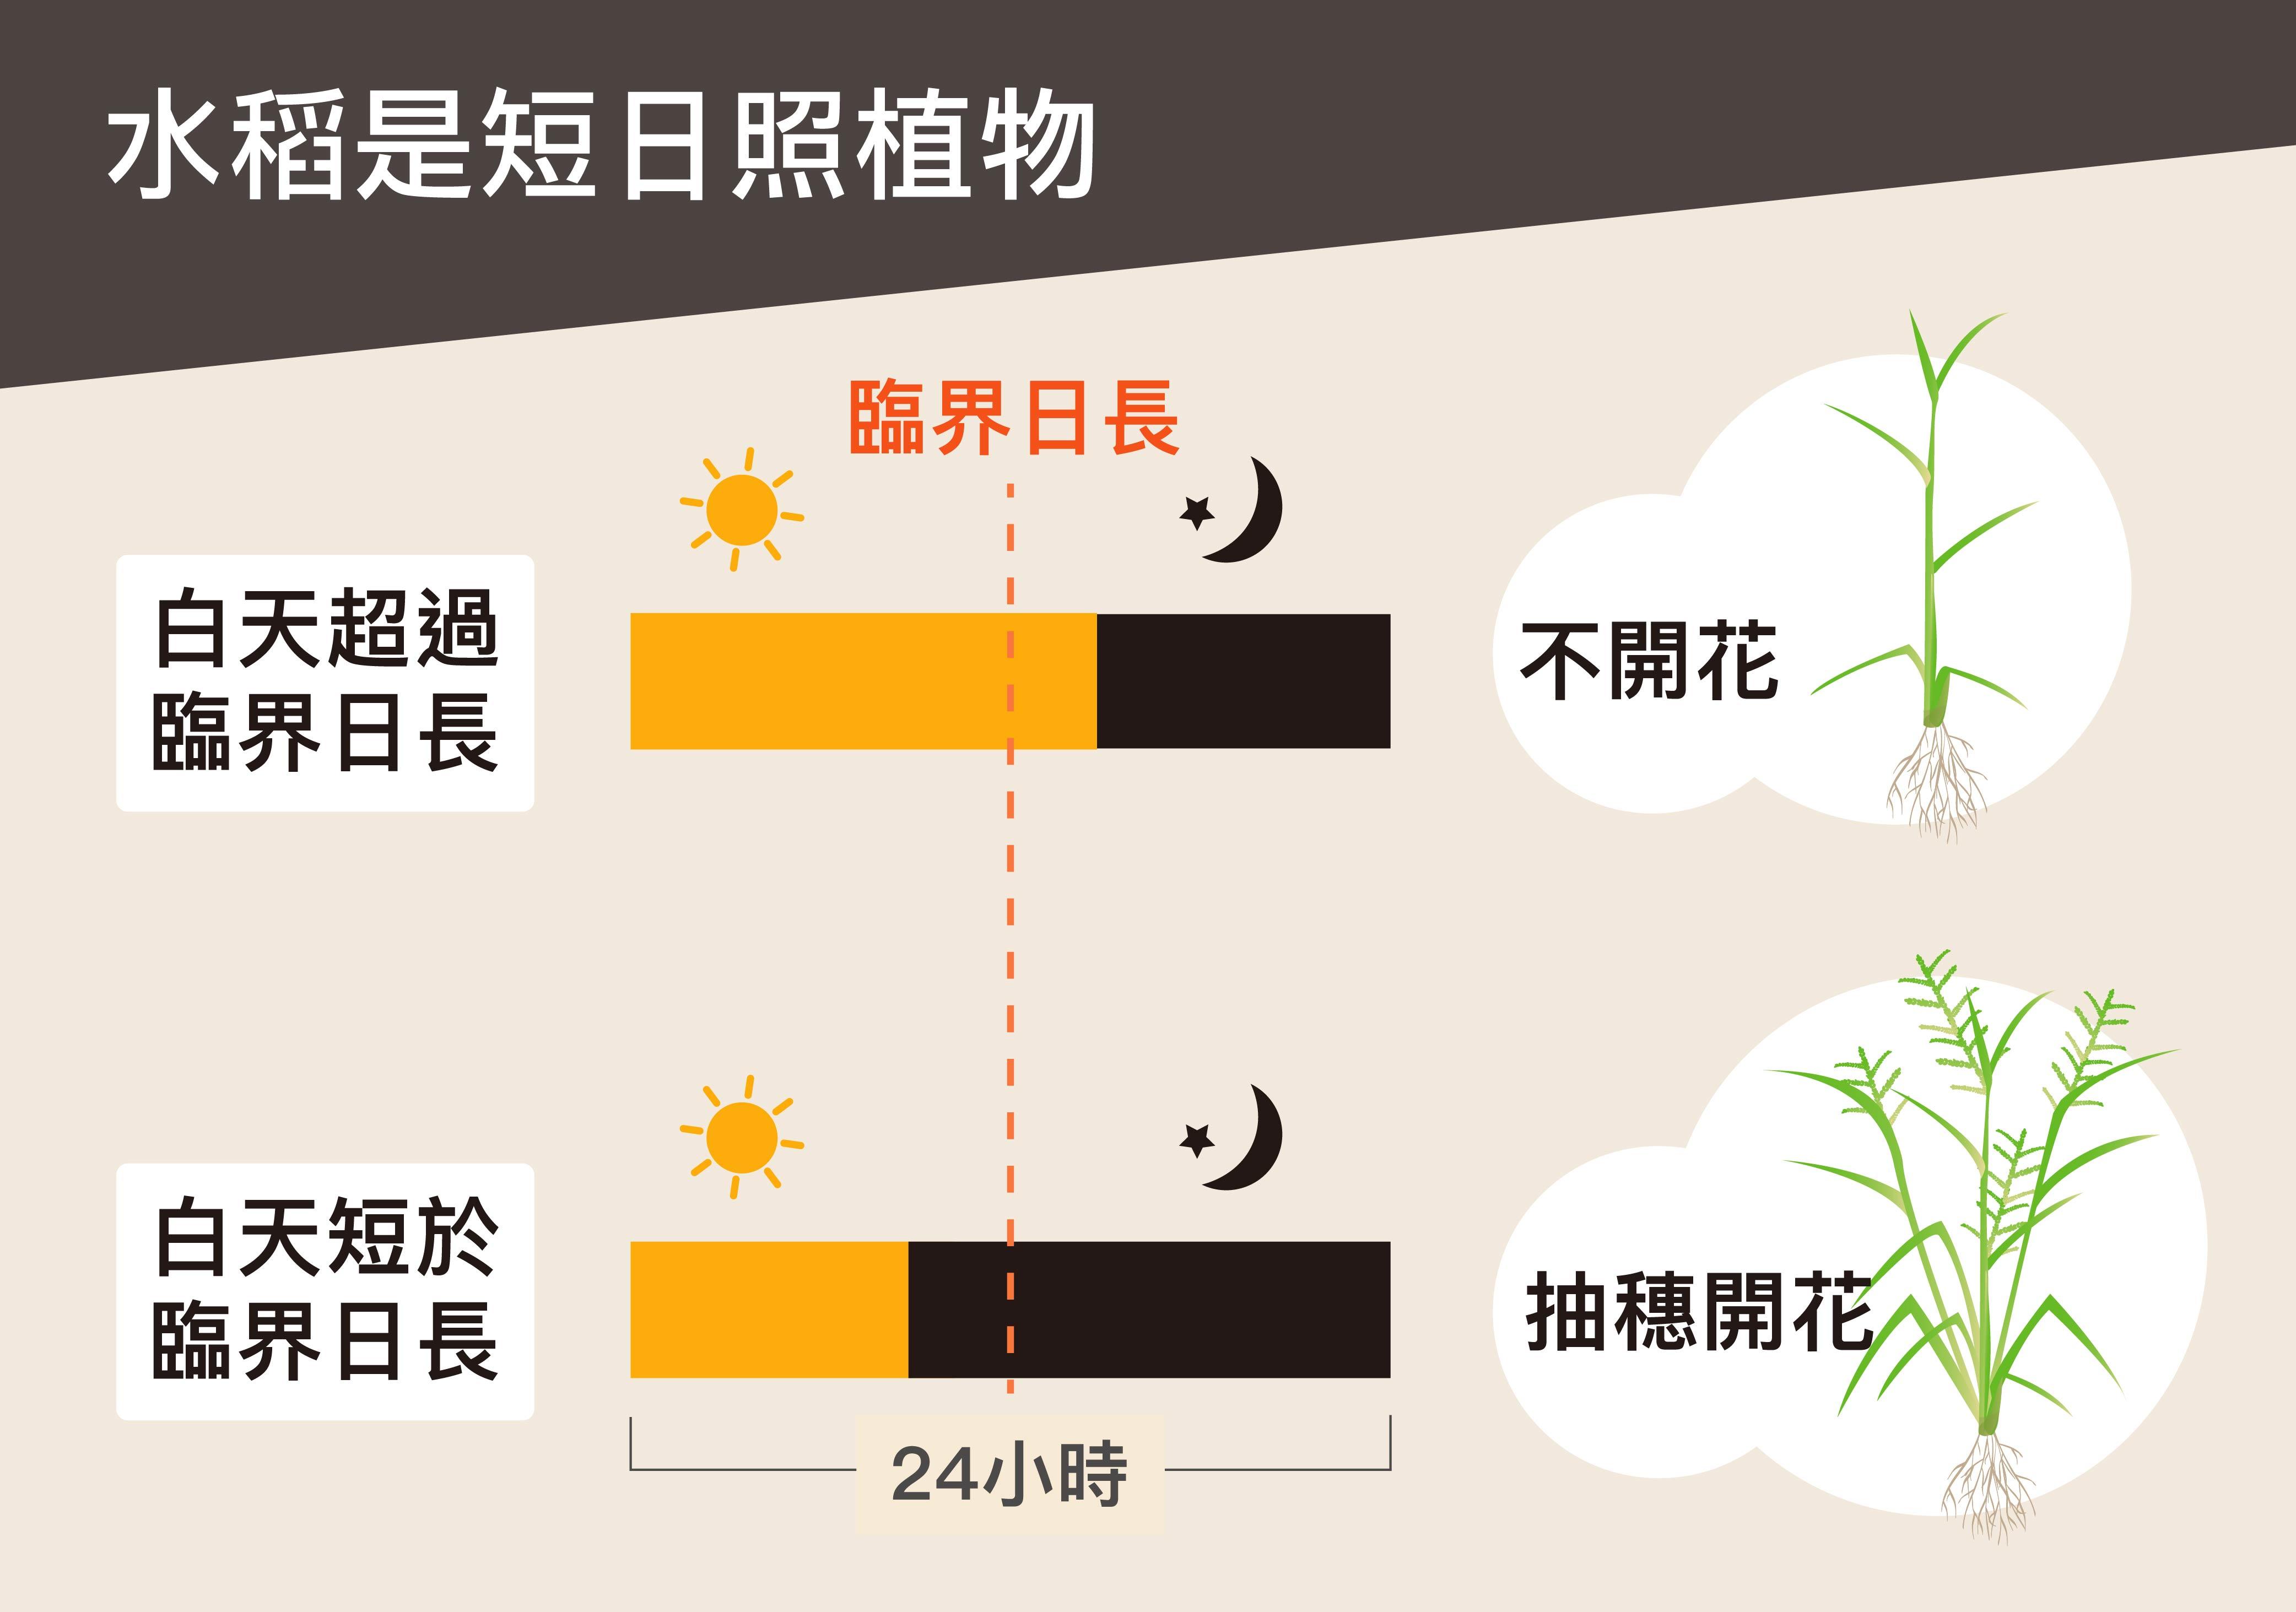 臨界日長是決定植物是否開花的最短或最長光照時間。短日照植物的光照時間必須短於臨界日長,植物才會開花,長日照植物則反之。圖說設計│黃曉君、林洵安